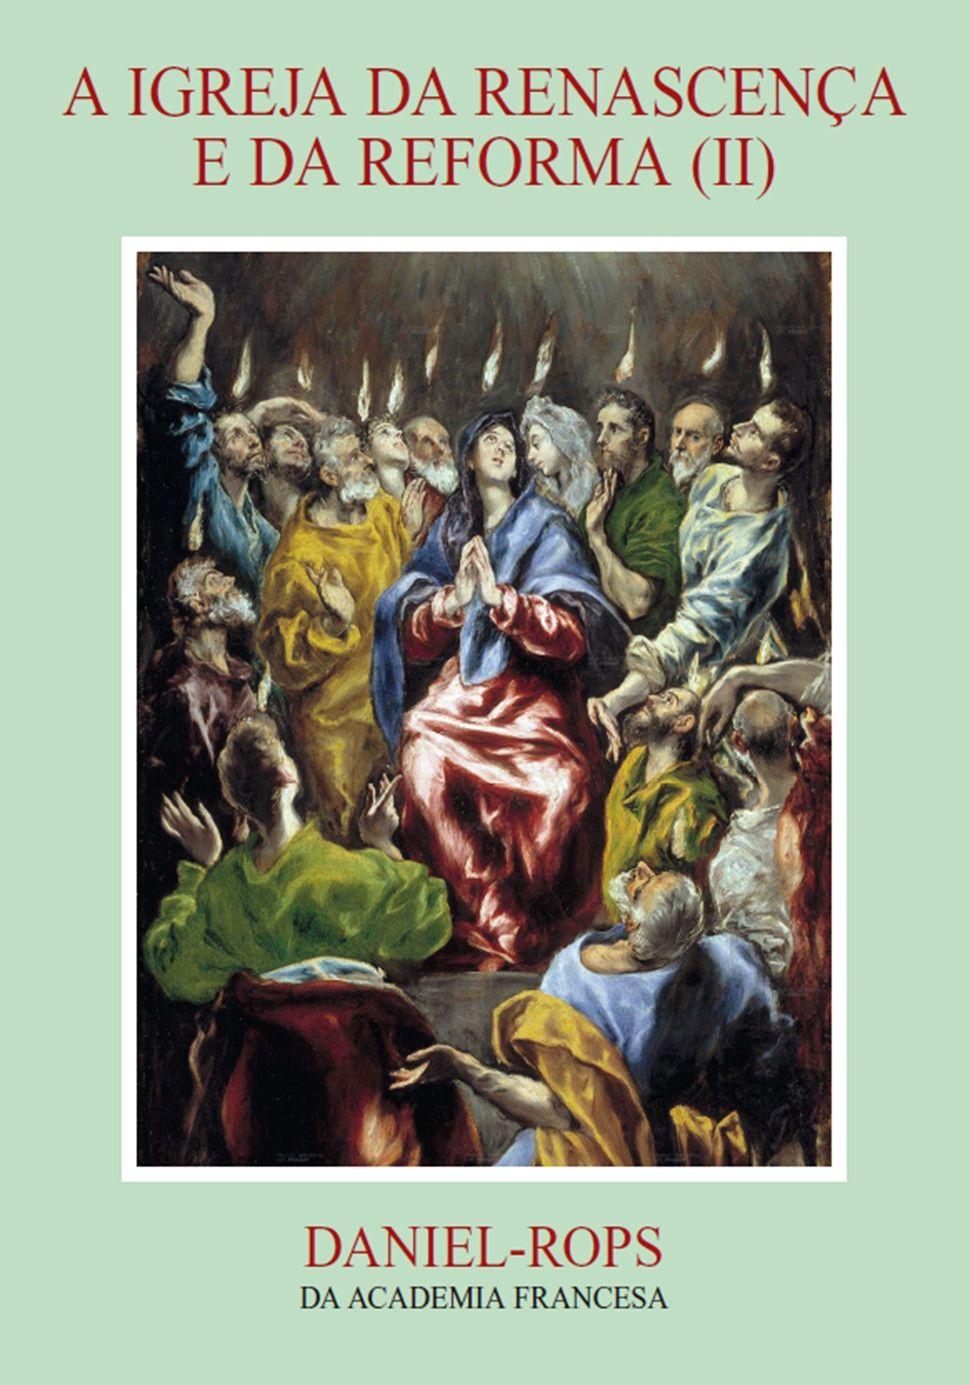 Livro HI-05 - A Igreja da renascença e da reforma (II)